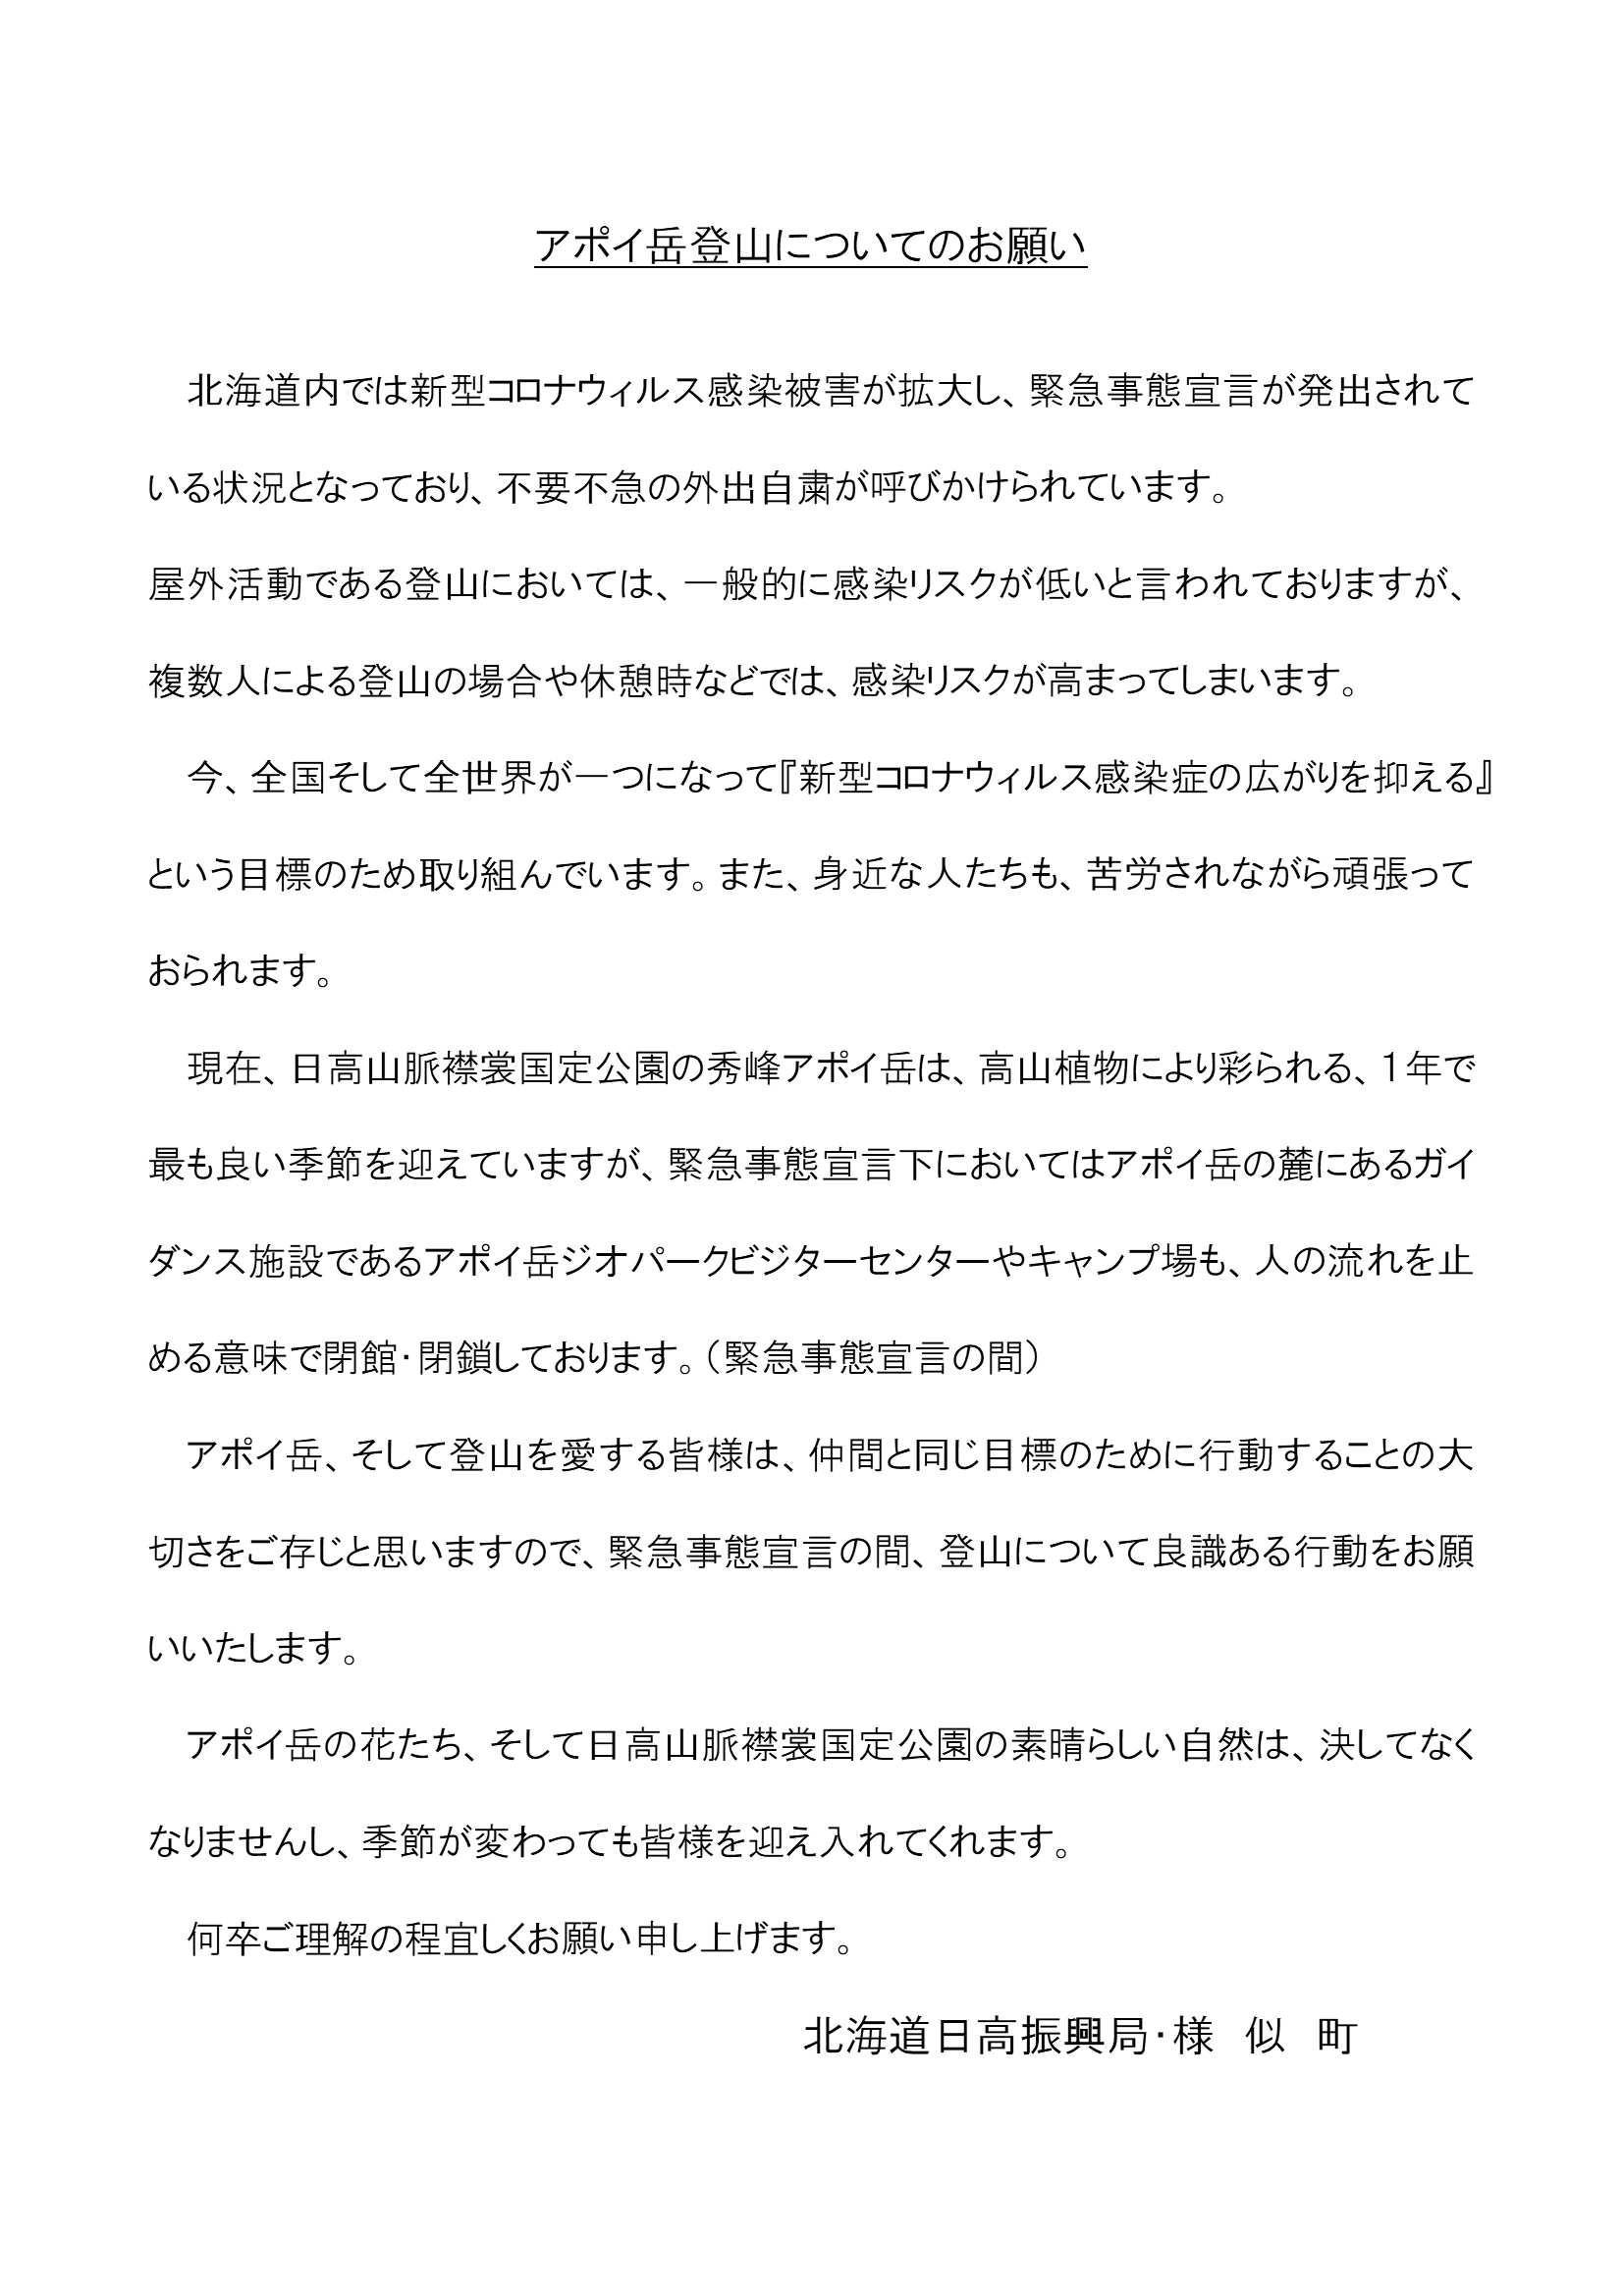 【完成版】自粛要請文-3.jpg